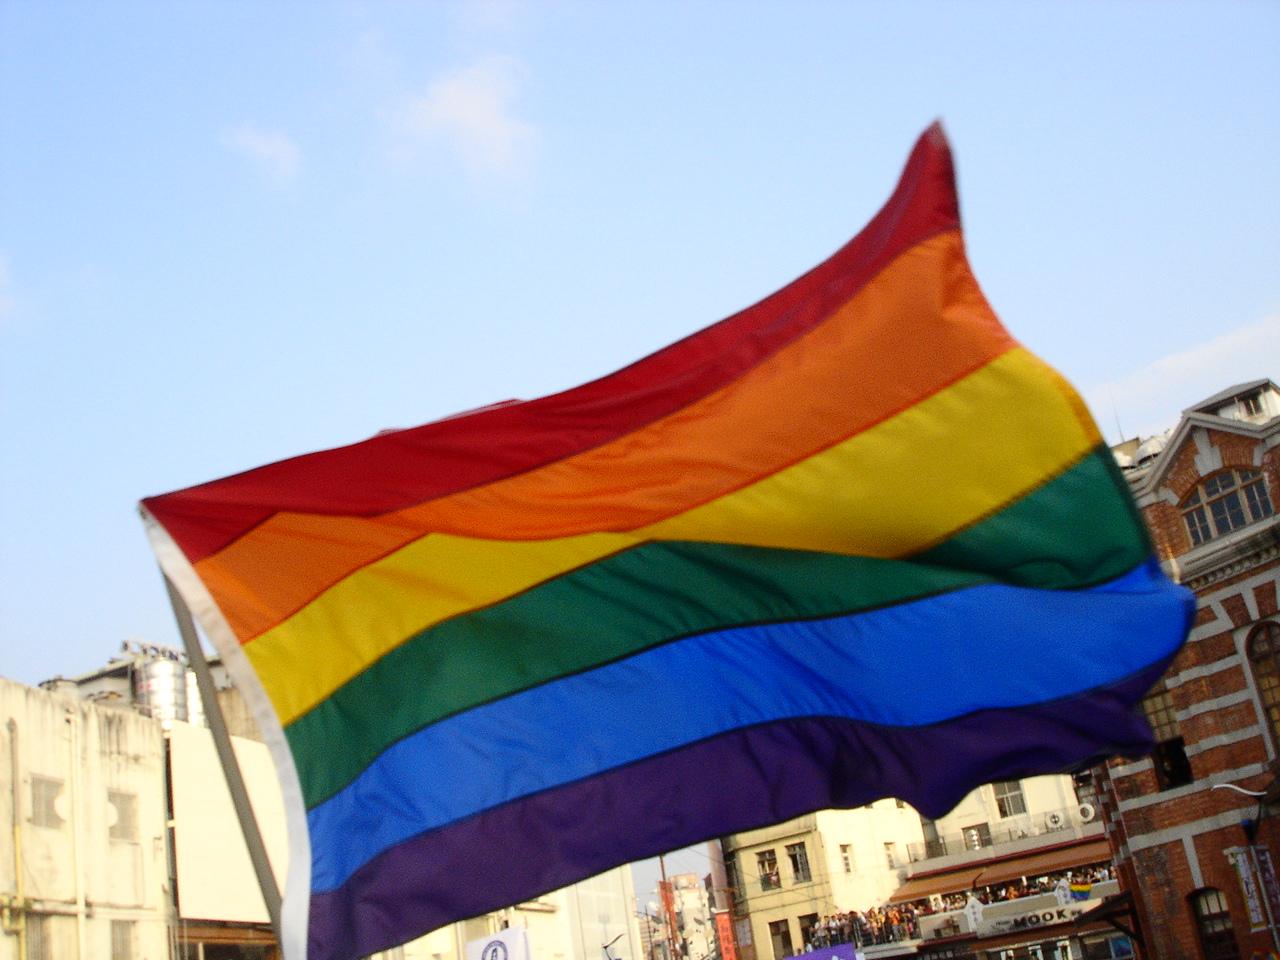 Tęczowa flaga – jeden z symboli społeczności LGBT (fot. wikipedia.org/theodoranian/CC BY-SA 3.0)